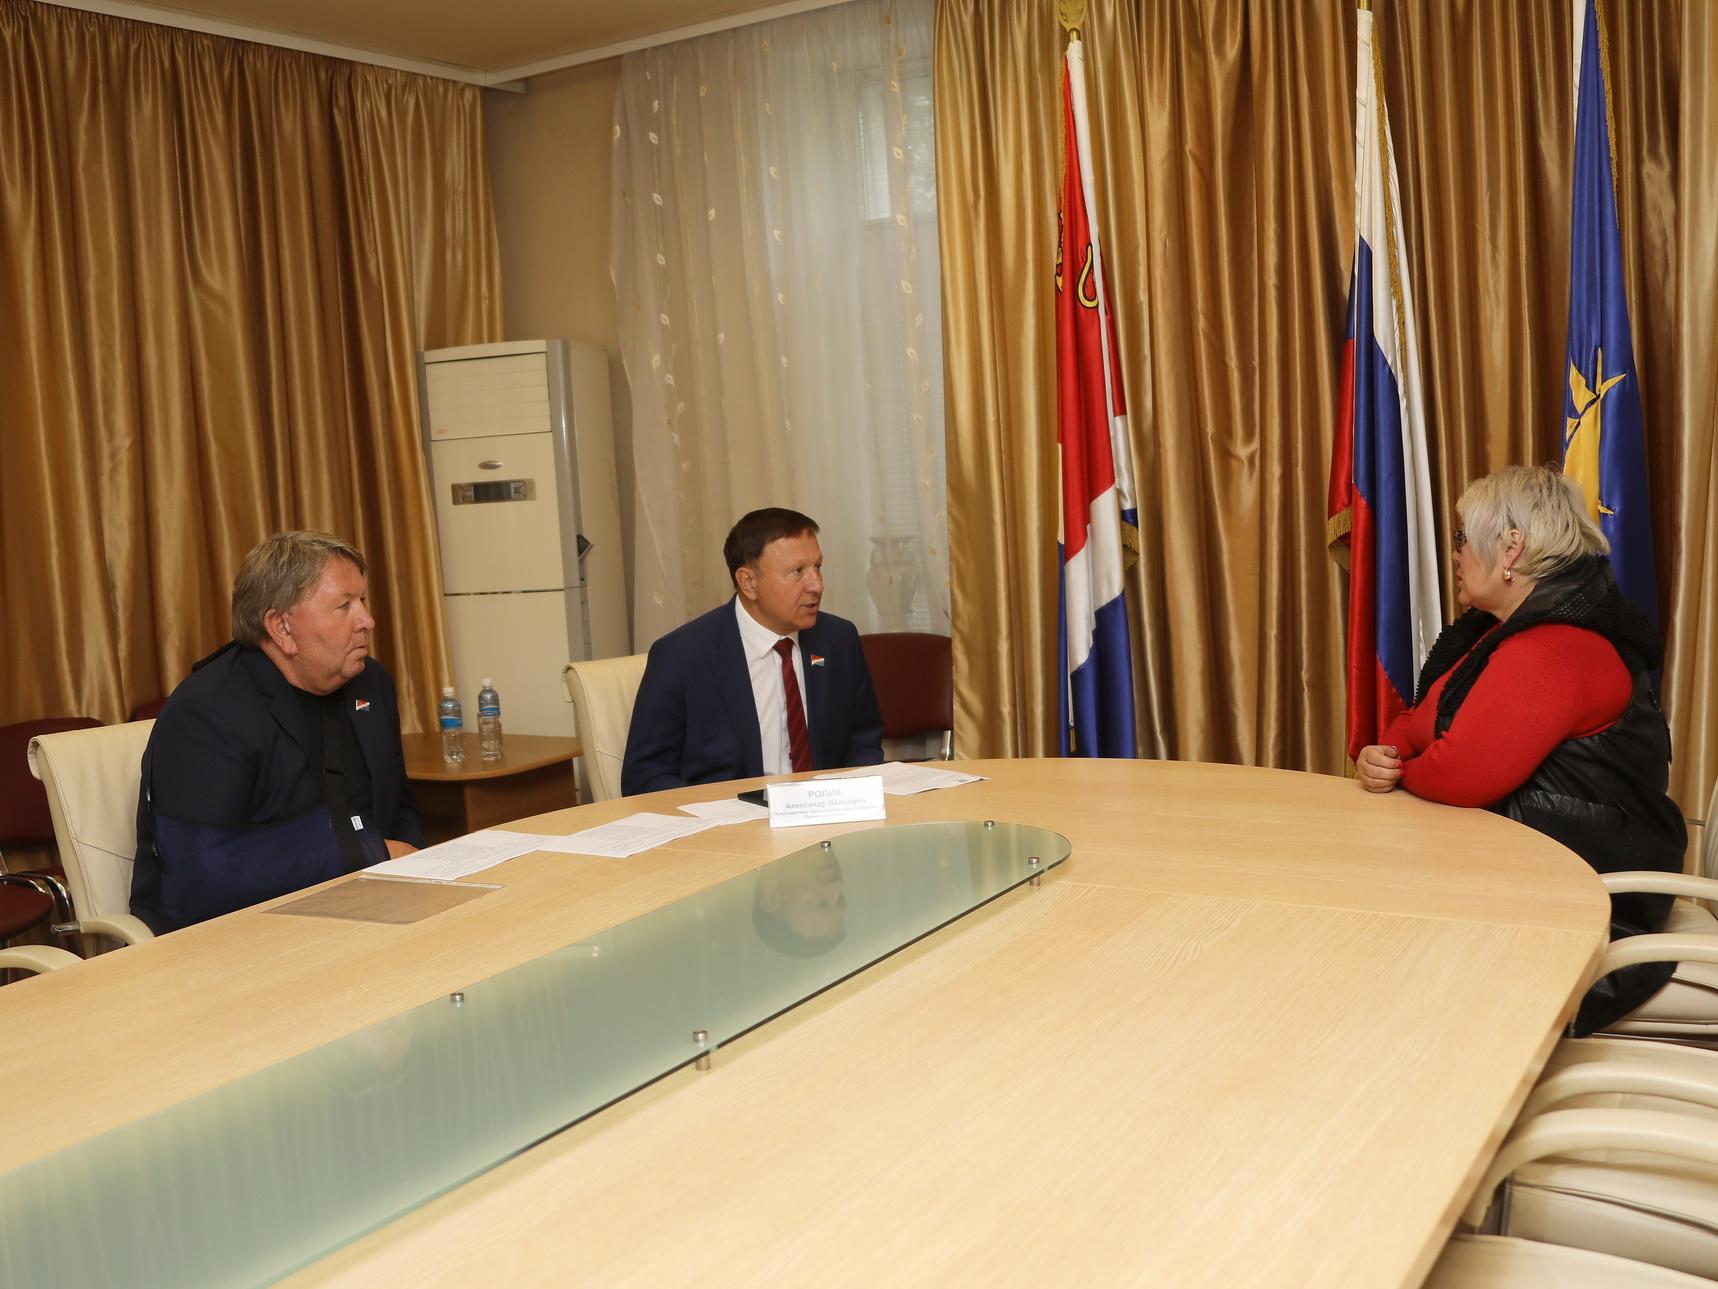 Встреча с представителями общественных организаций и личный прием граждан.